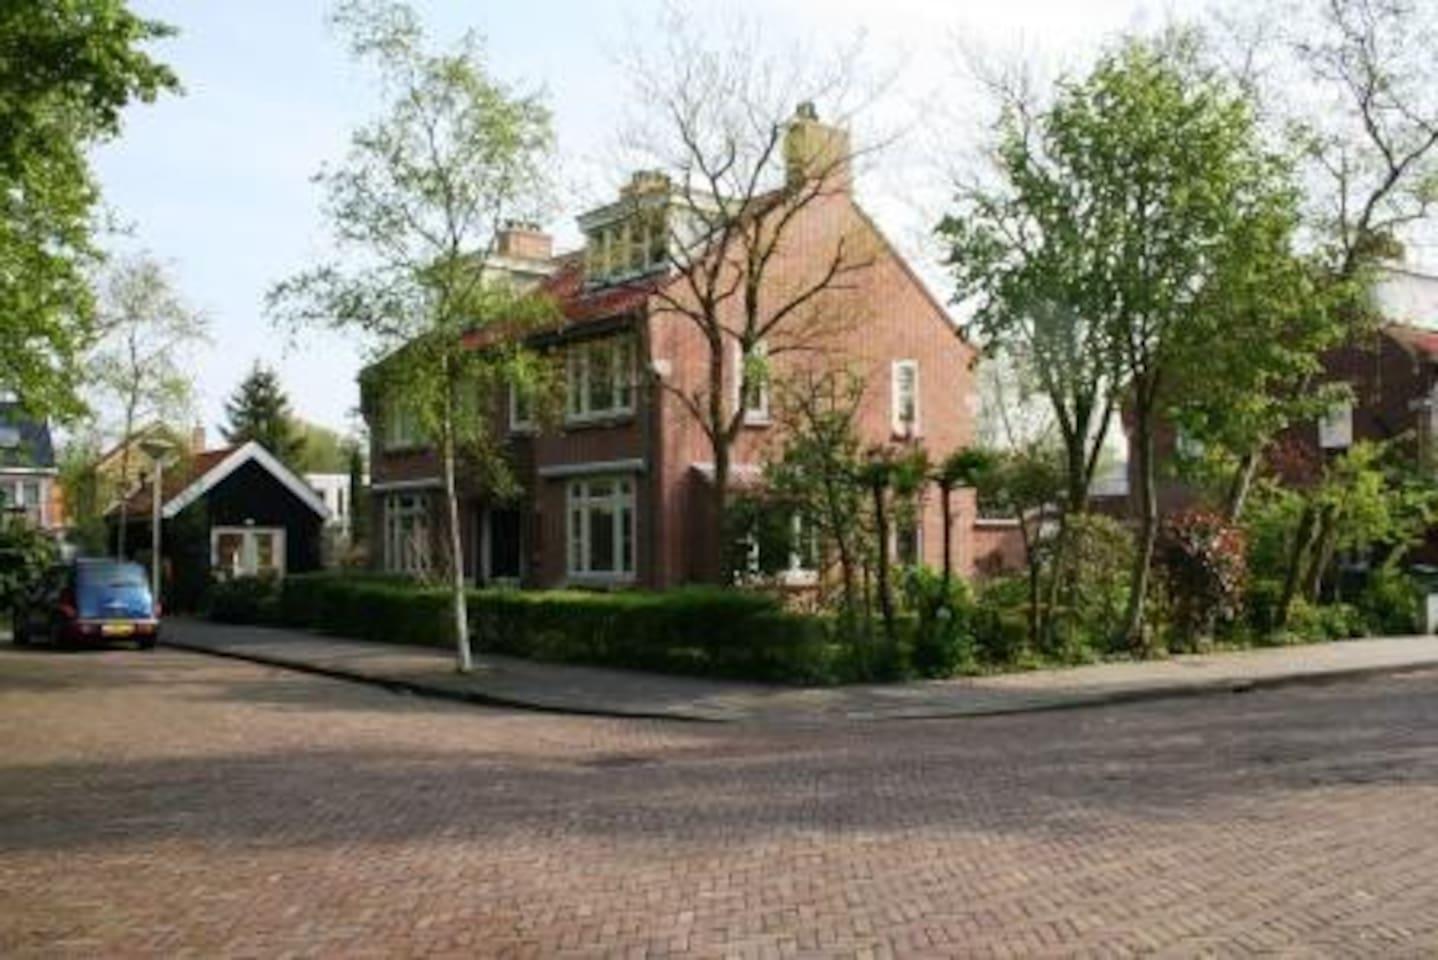 Doodlopende straat met hoofdgebouw